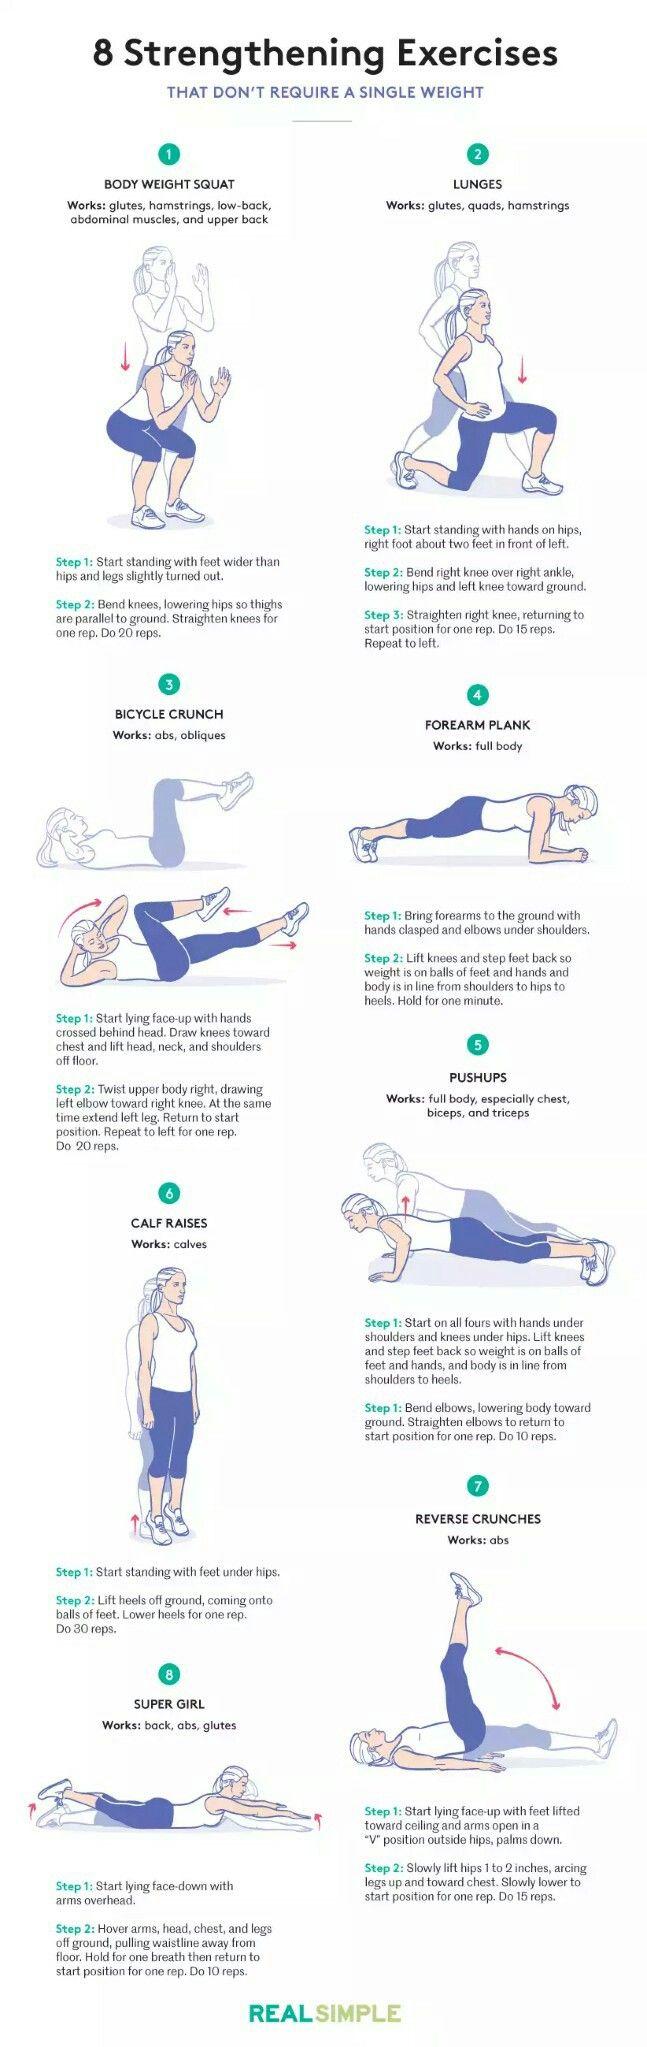 8 strengthening